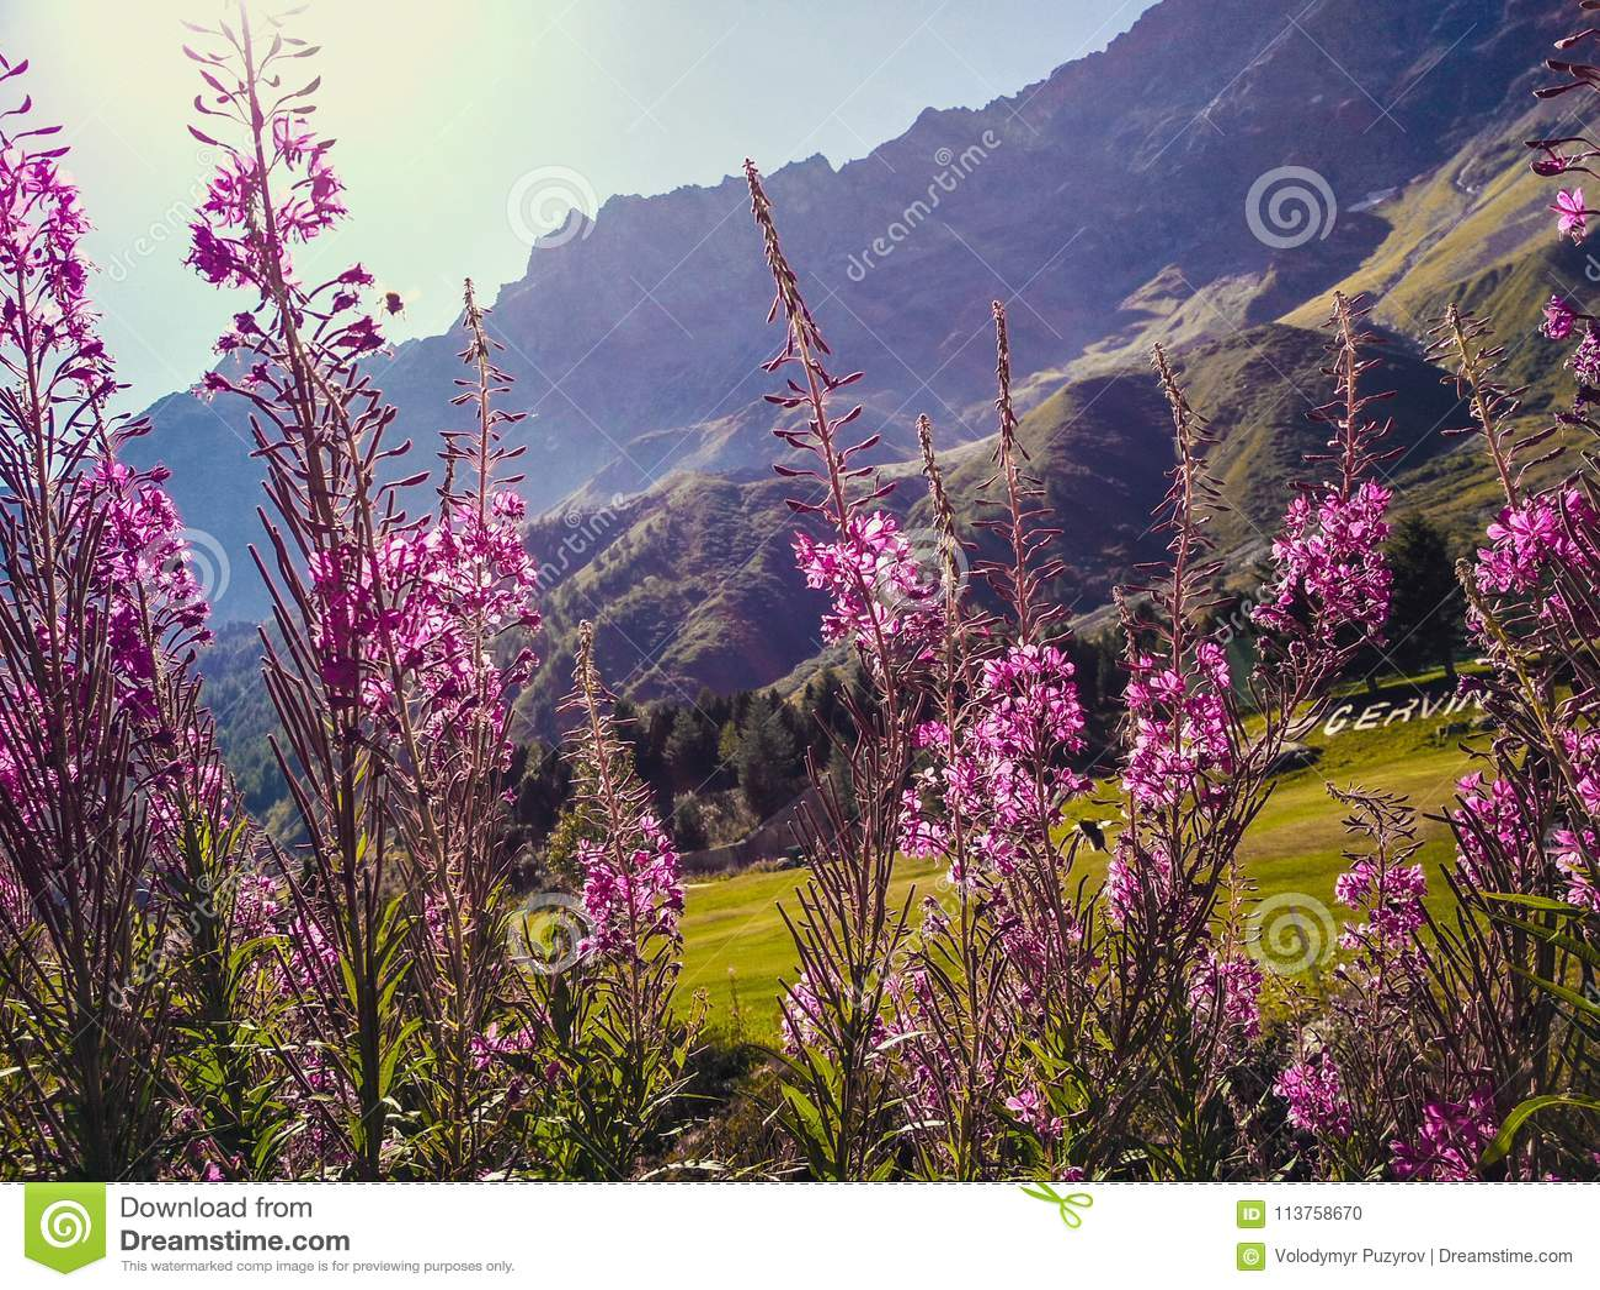 Belles inflorescences de thé sauvage de saule dans les prés alpins, plan rapproché